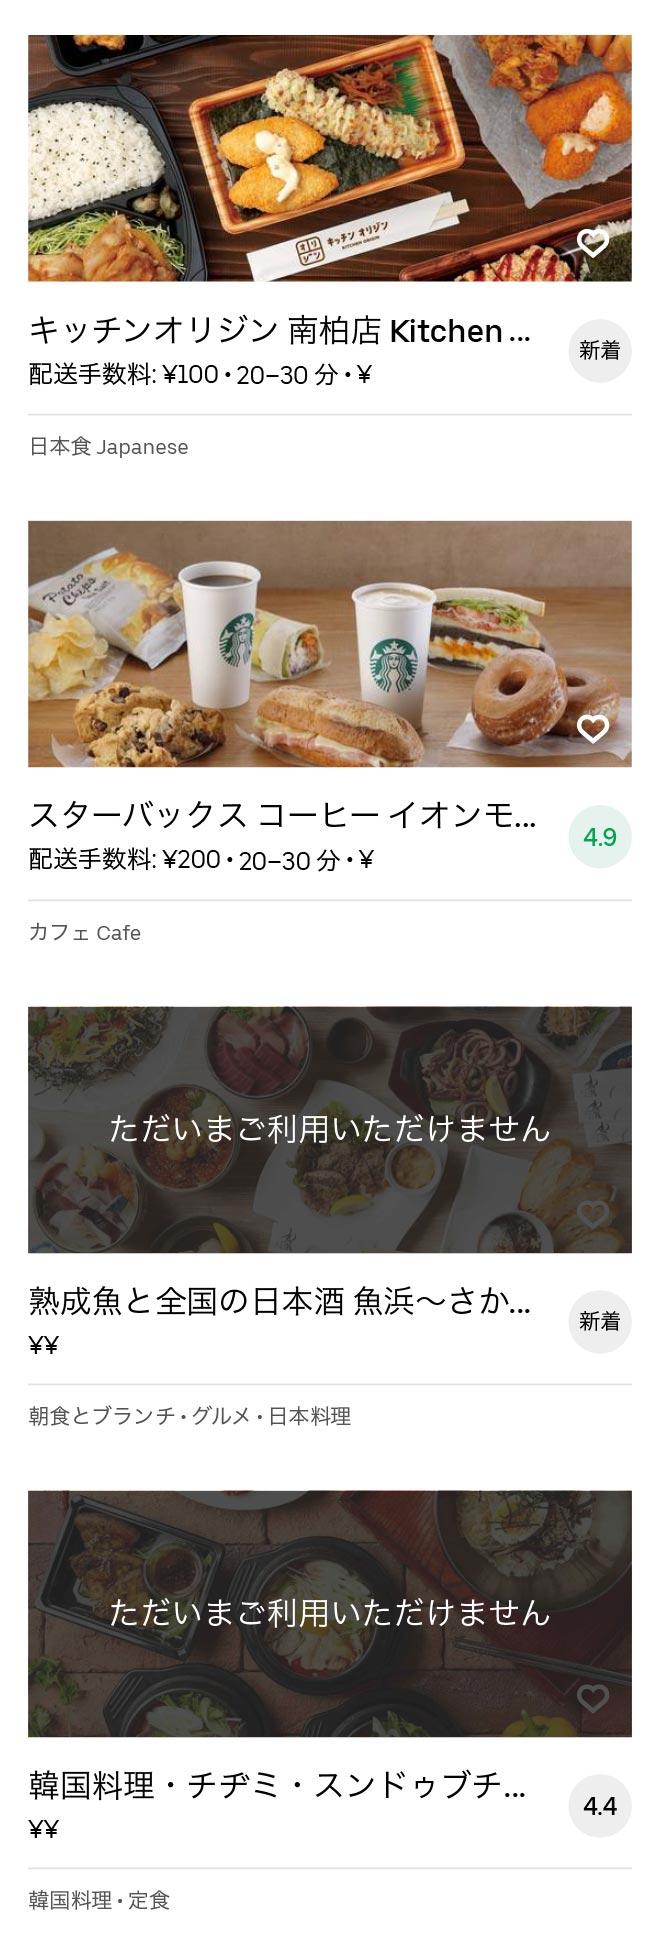 Minami kashiwa menu 2007 06